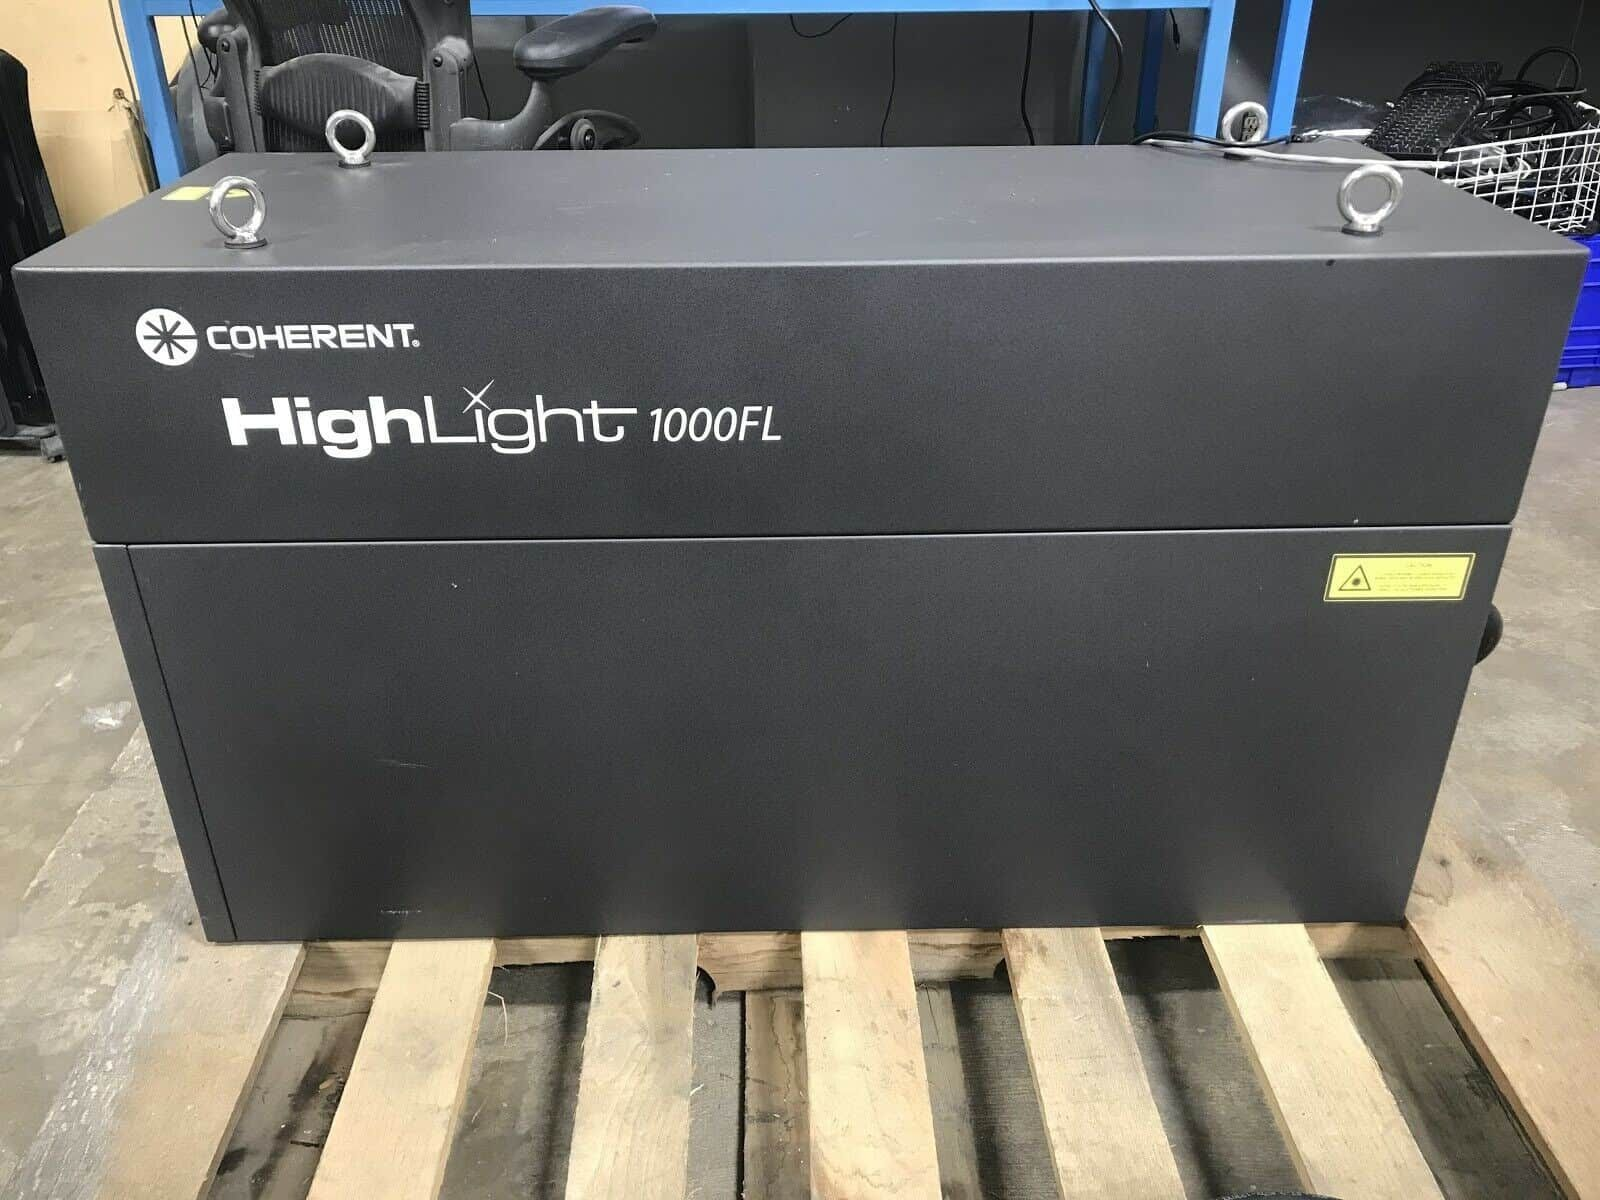 Coherent HighLight 1000FL Fiber Laser Welder/Cutter With Precitec LightCutter Head